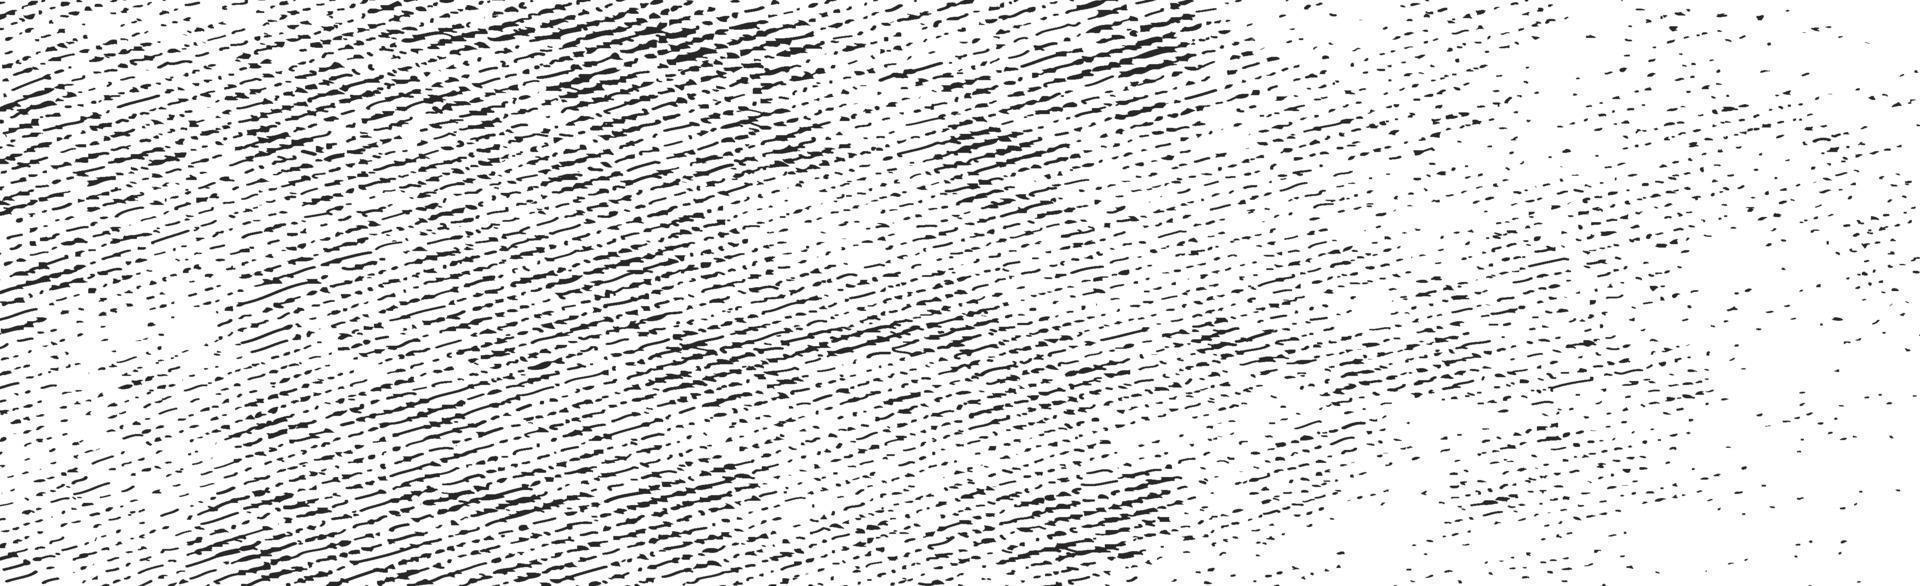 grunge svarta linjer och prickar på en vit bakgrund - vektorillustration vektor